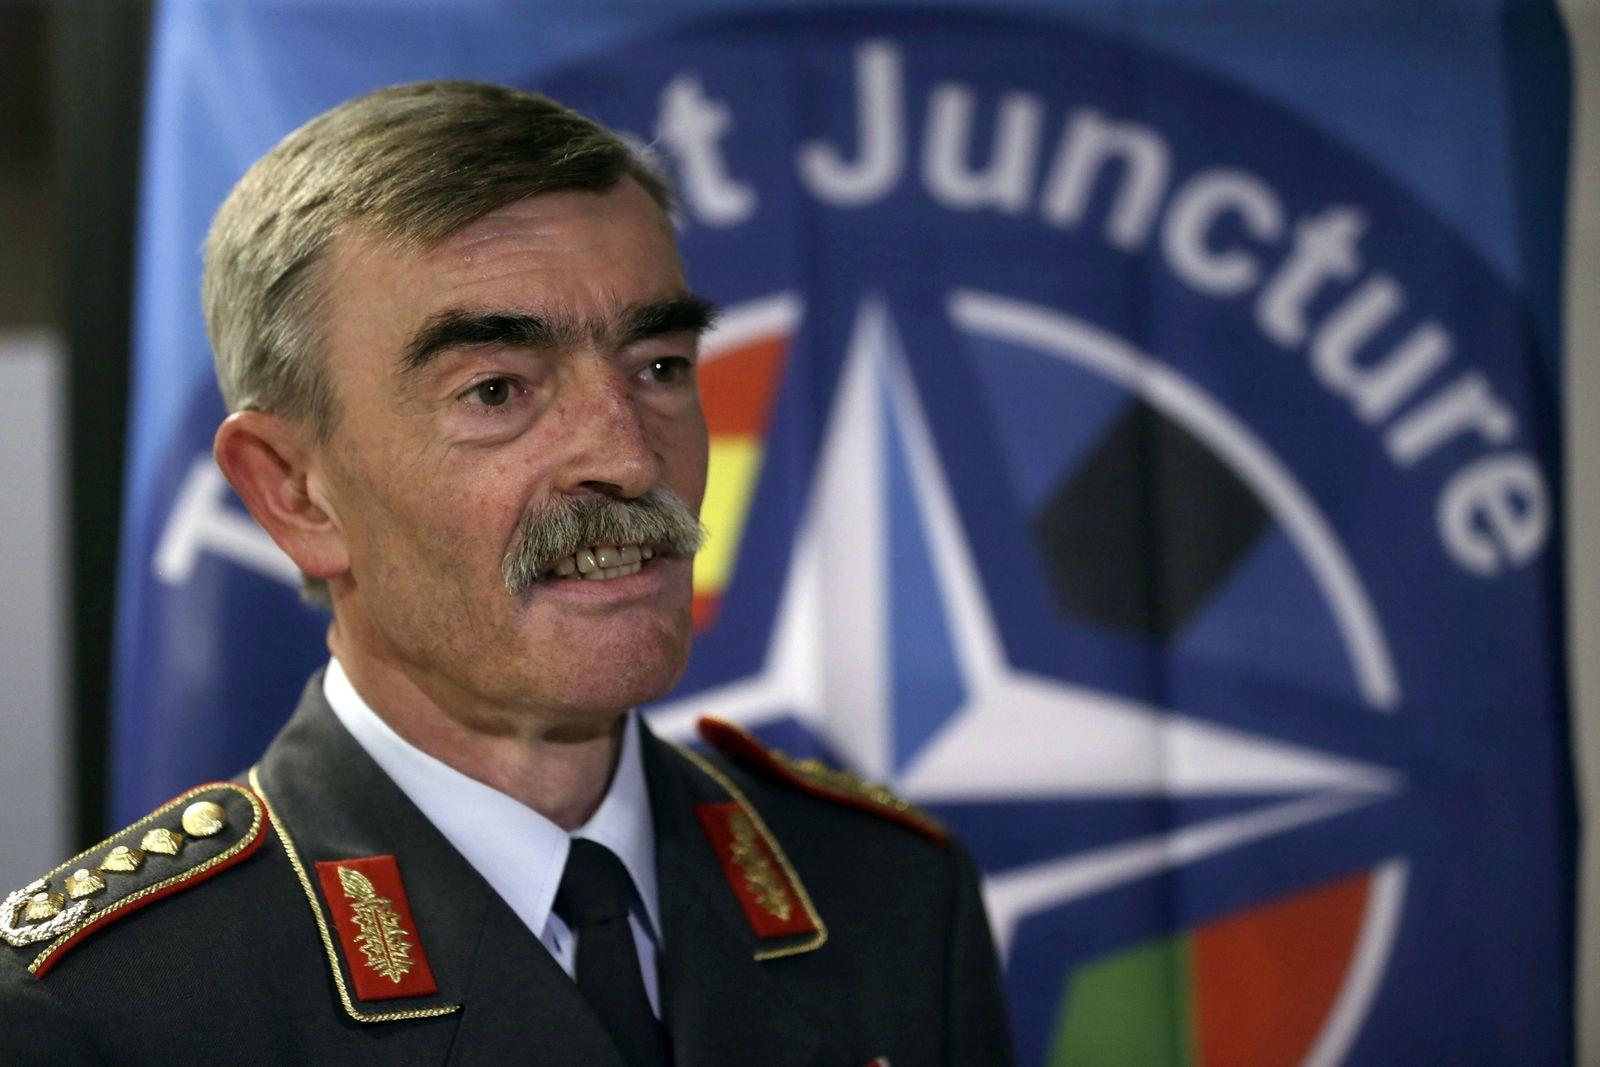 German Bundeswehr Army general Hans-Lothar Domroese at a semina